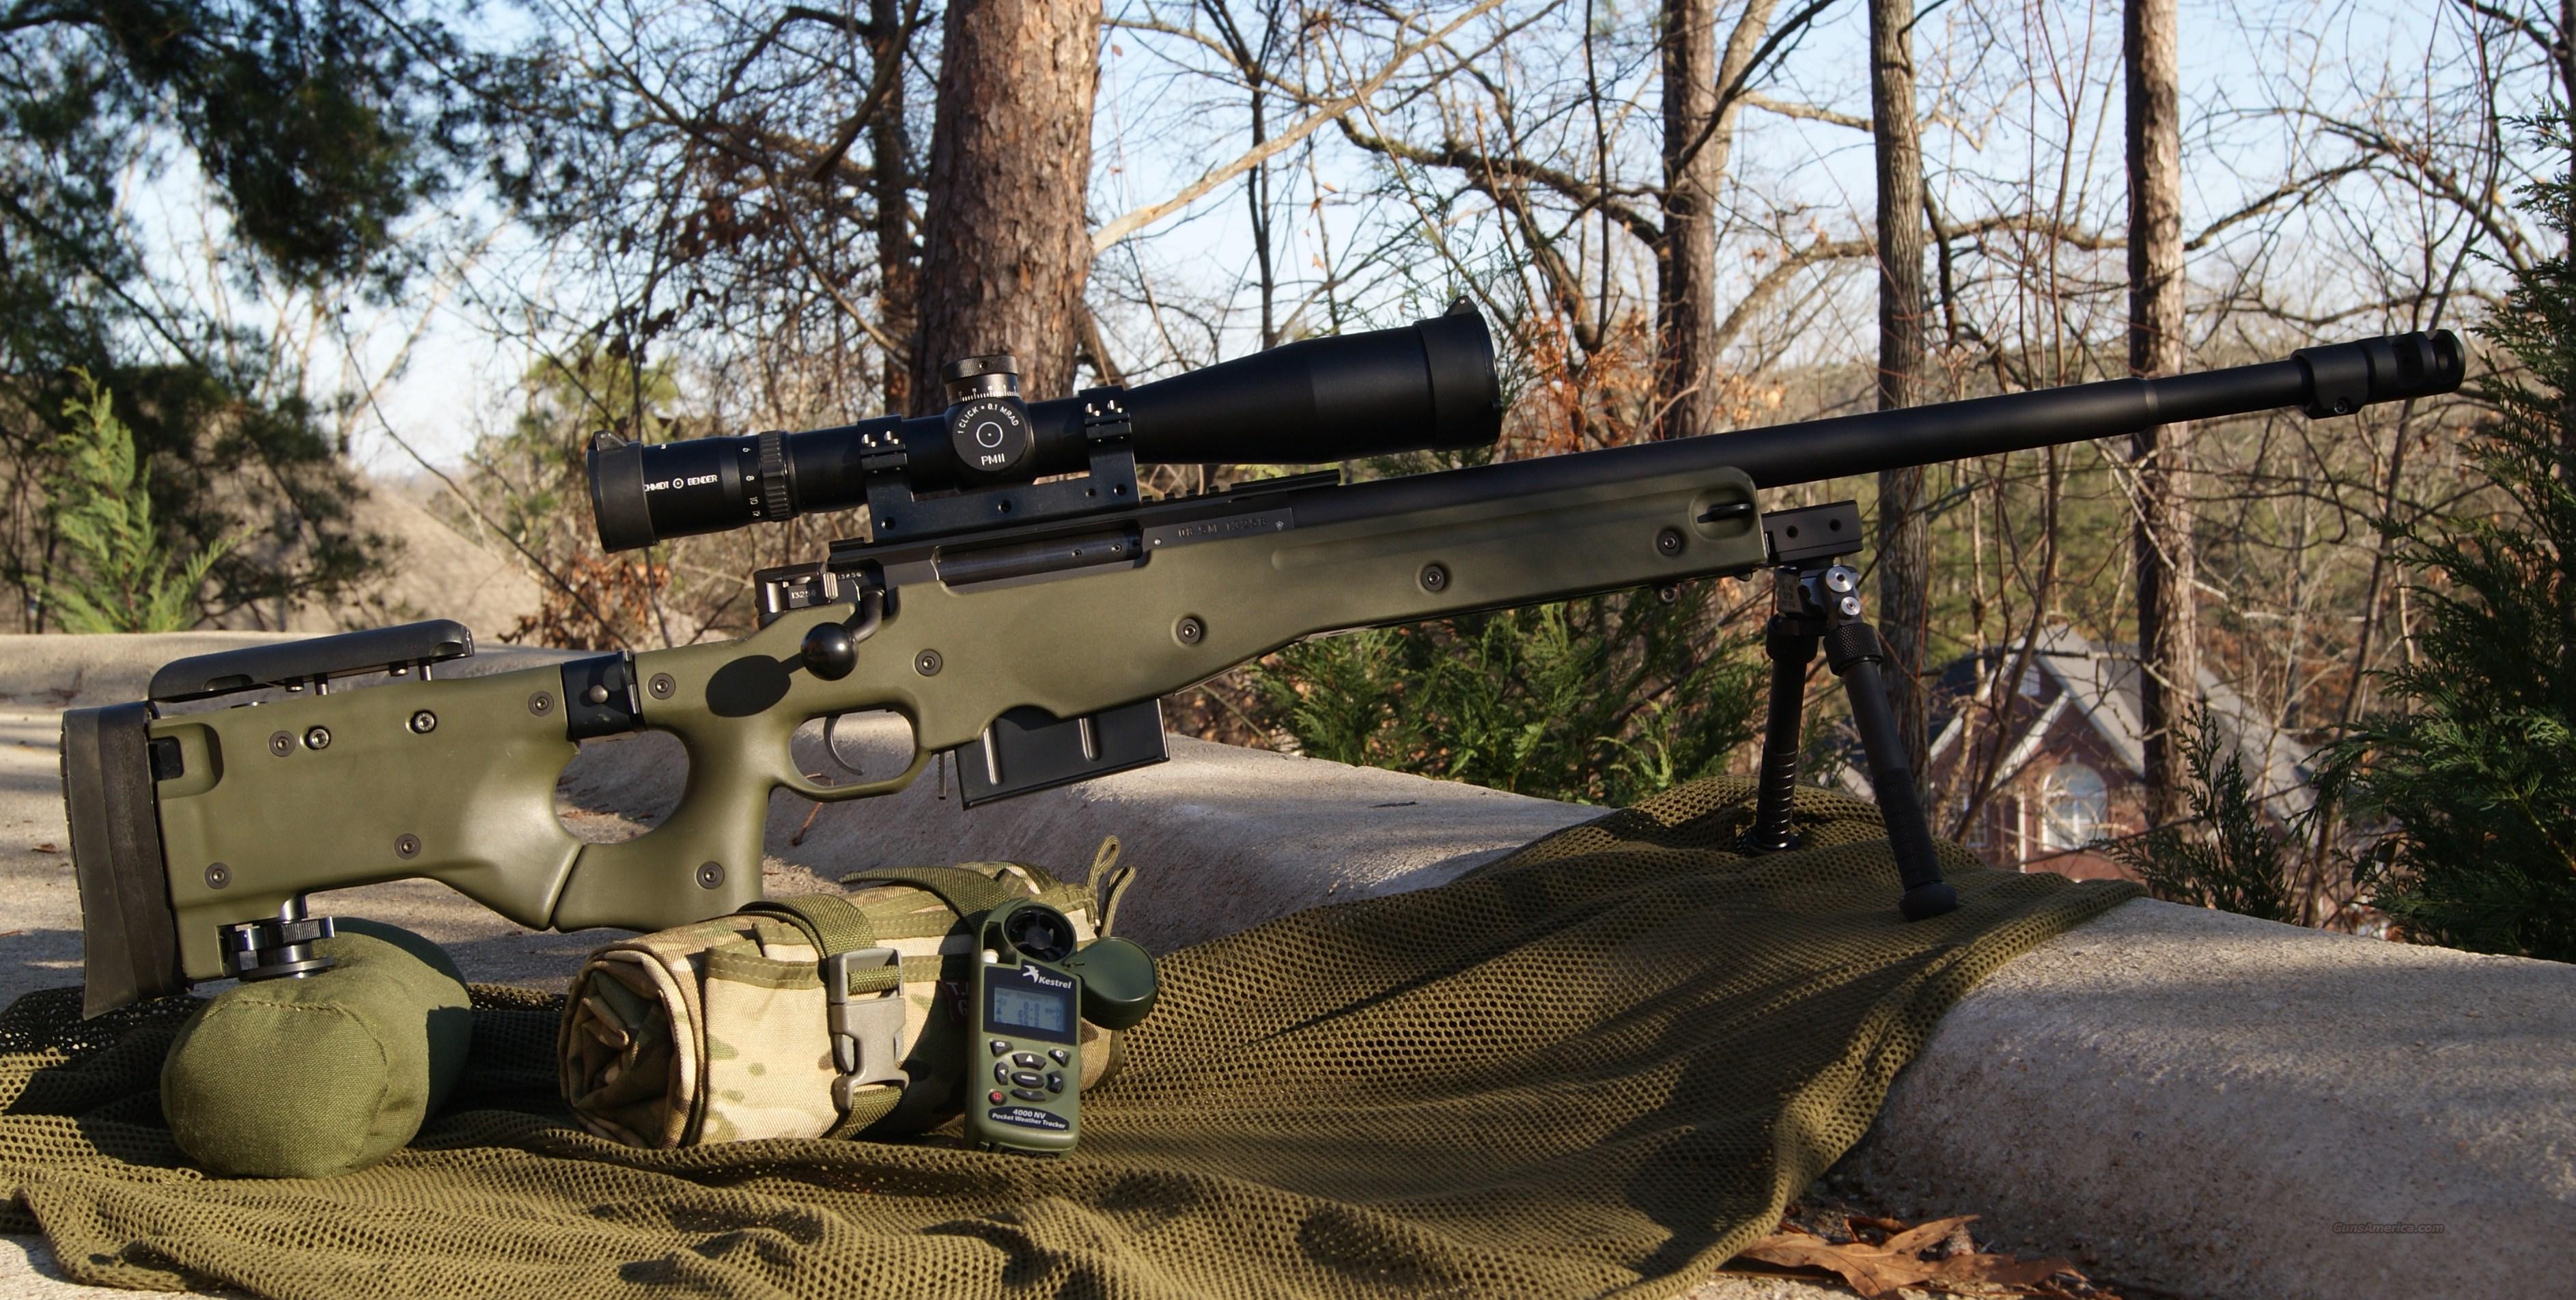 magnum sniper rifle - HD3772×1903